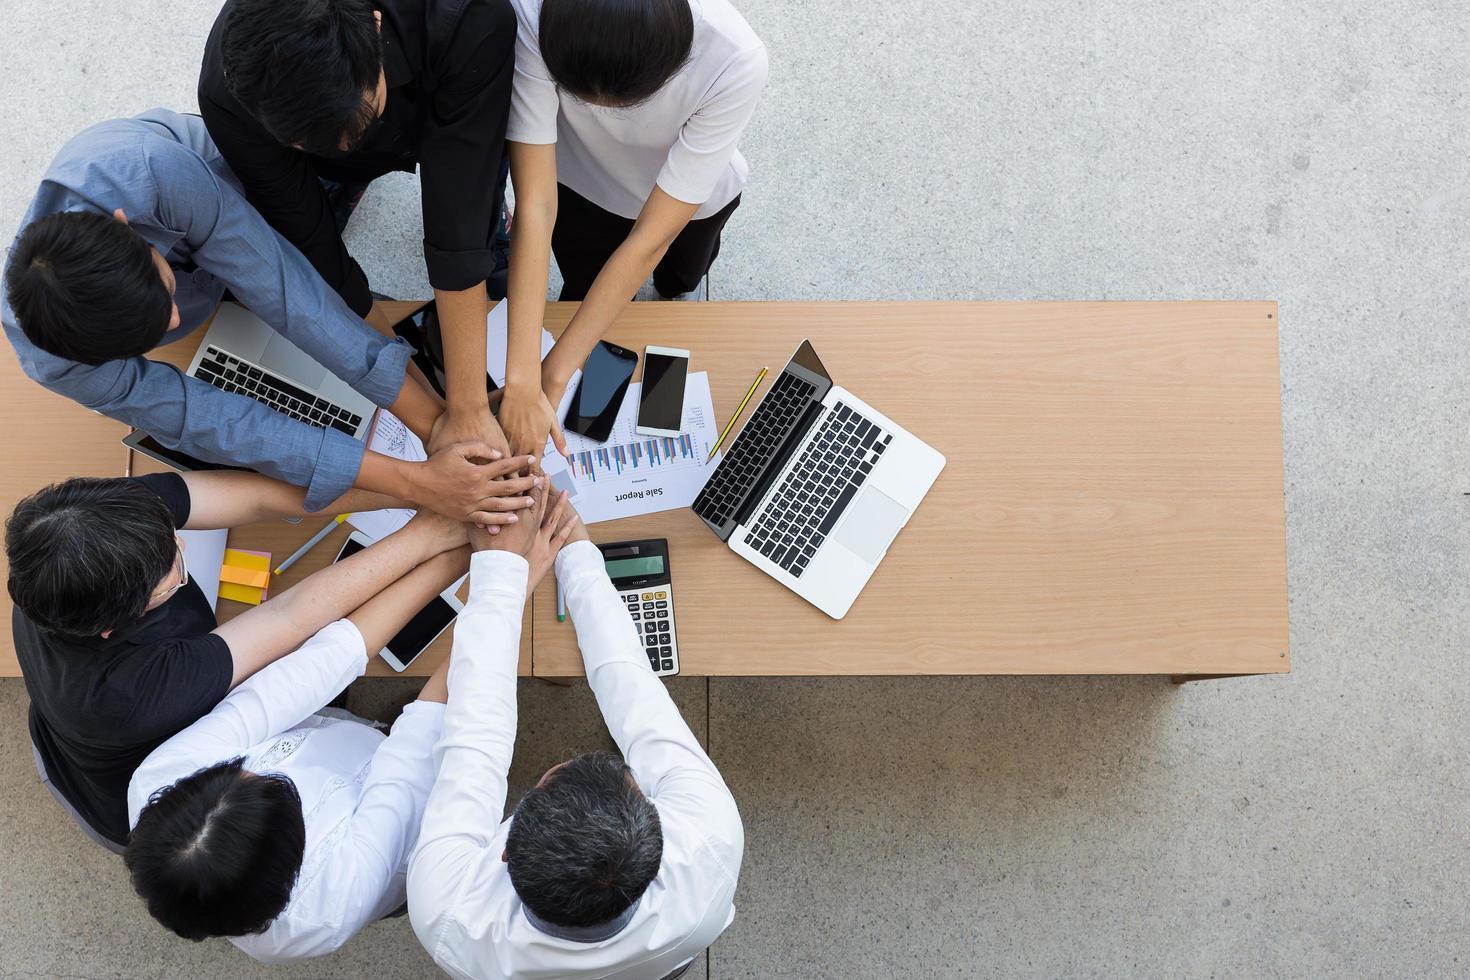 grupp affärsmän i ett samarbetsidé foto